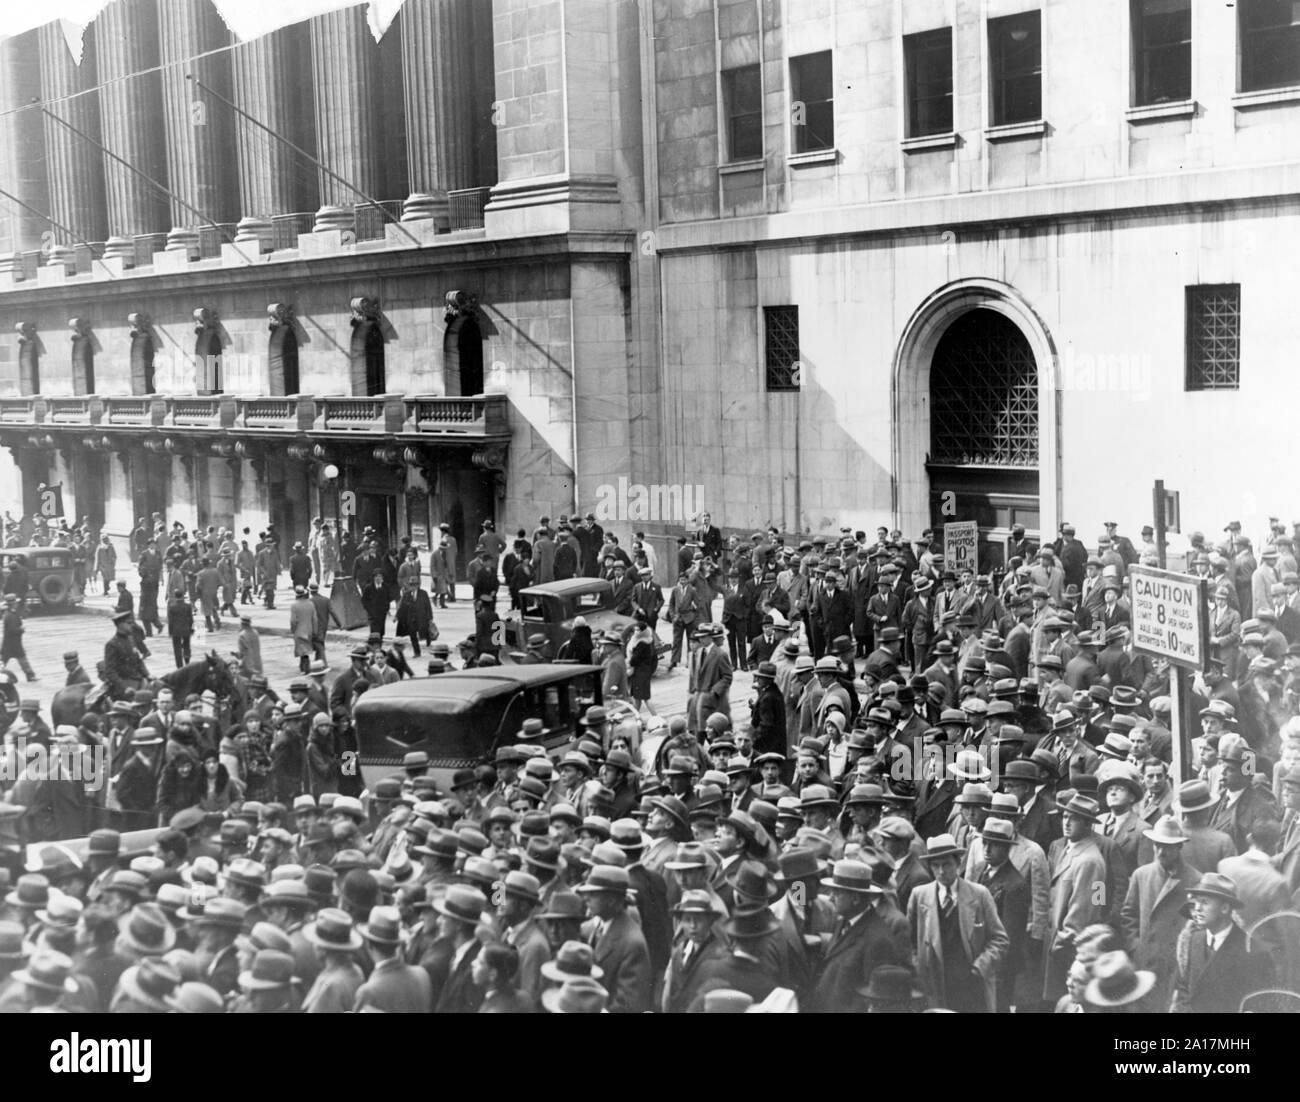 Scharen von Menschen sammeln außerhalb der New Yorker Börse nach dem Crash von 1929. Der Crash an der Wall Street von 1929, auch als te Börsencrash 1929 oder den großen Crash bekannt, war ein großer Börsenkrach, dass Ende Oktober 1929 aufgetreten. Stockfoto